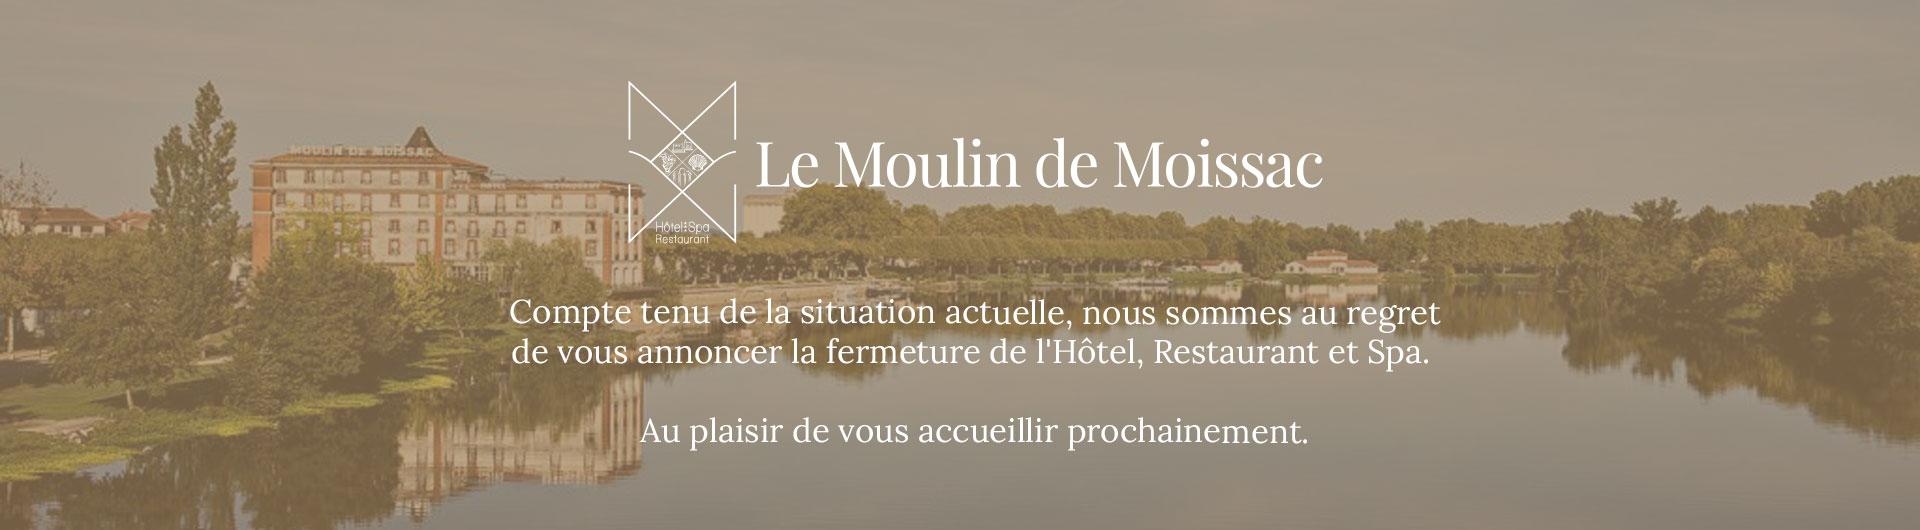 fermeture-exceptionnelle-moulin-moissac